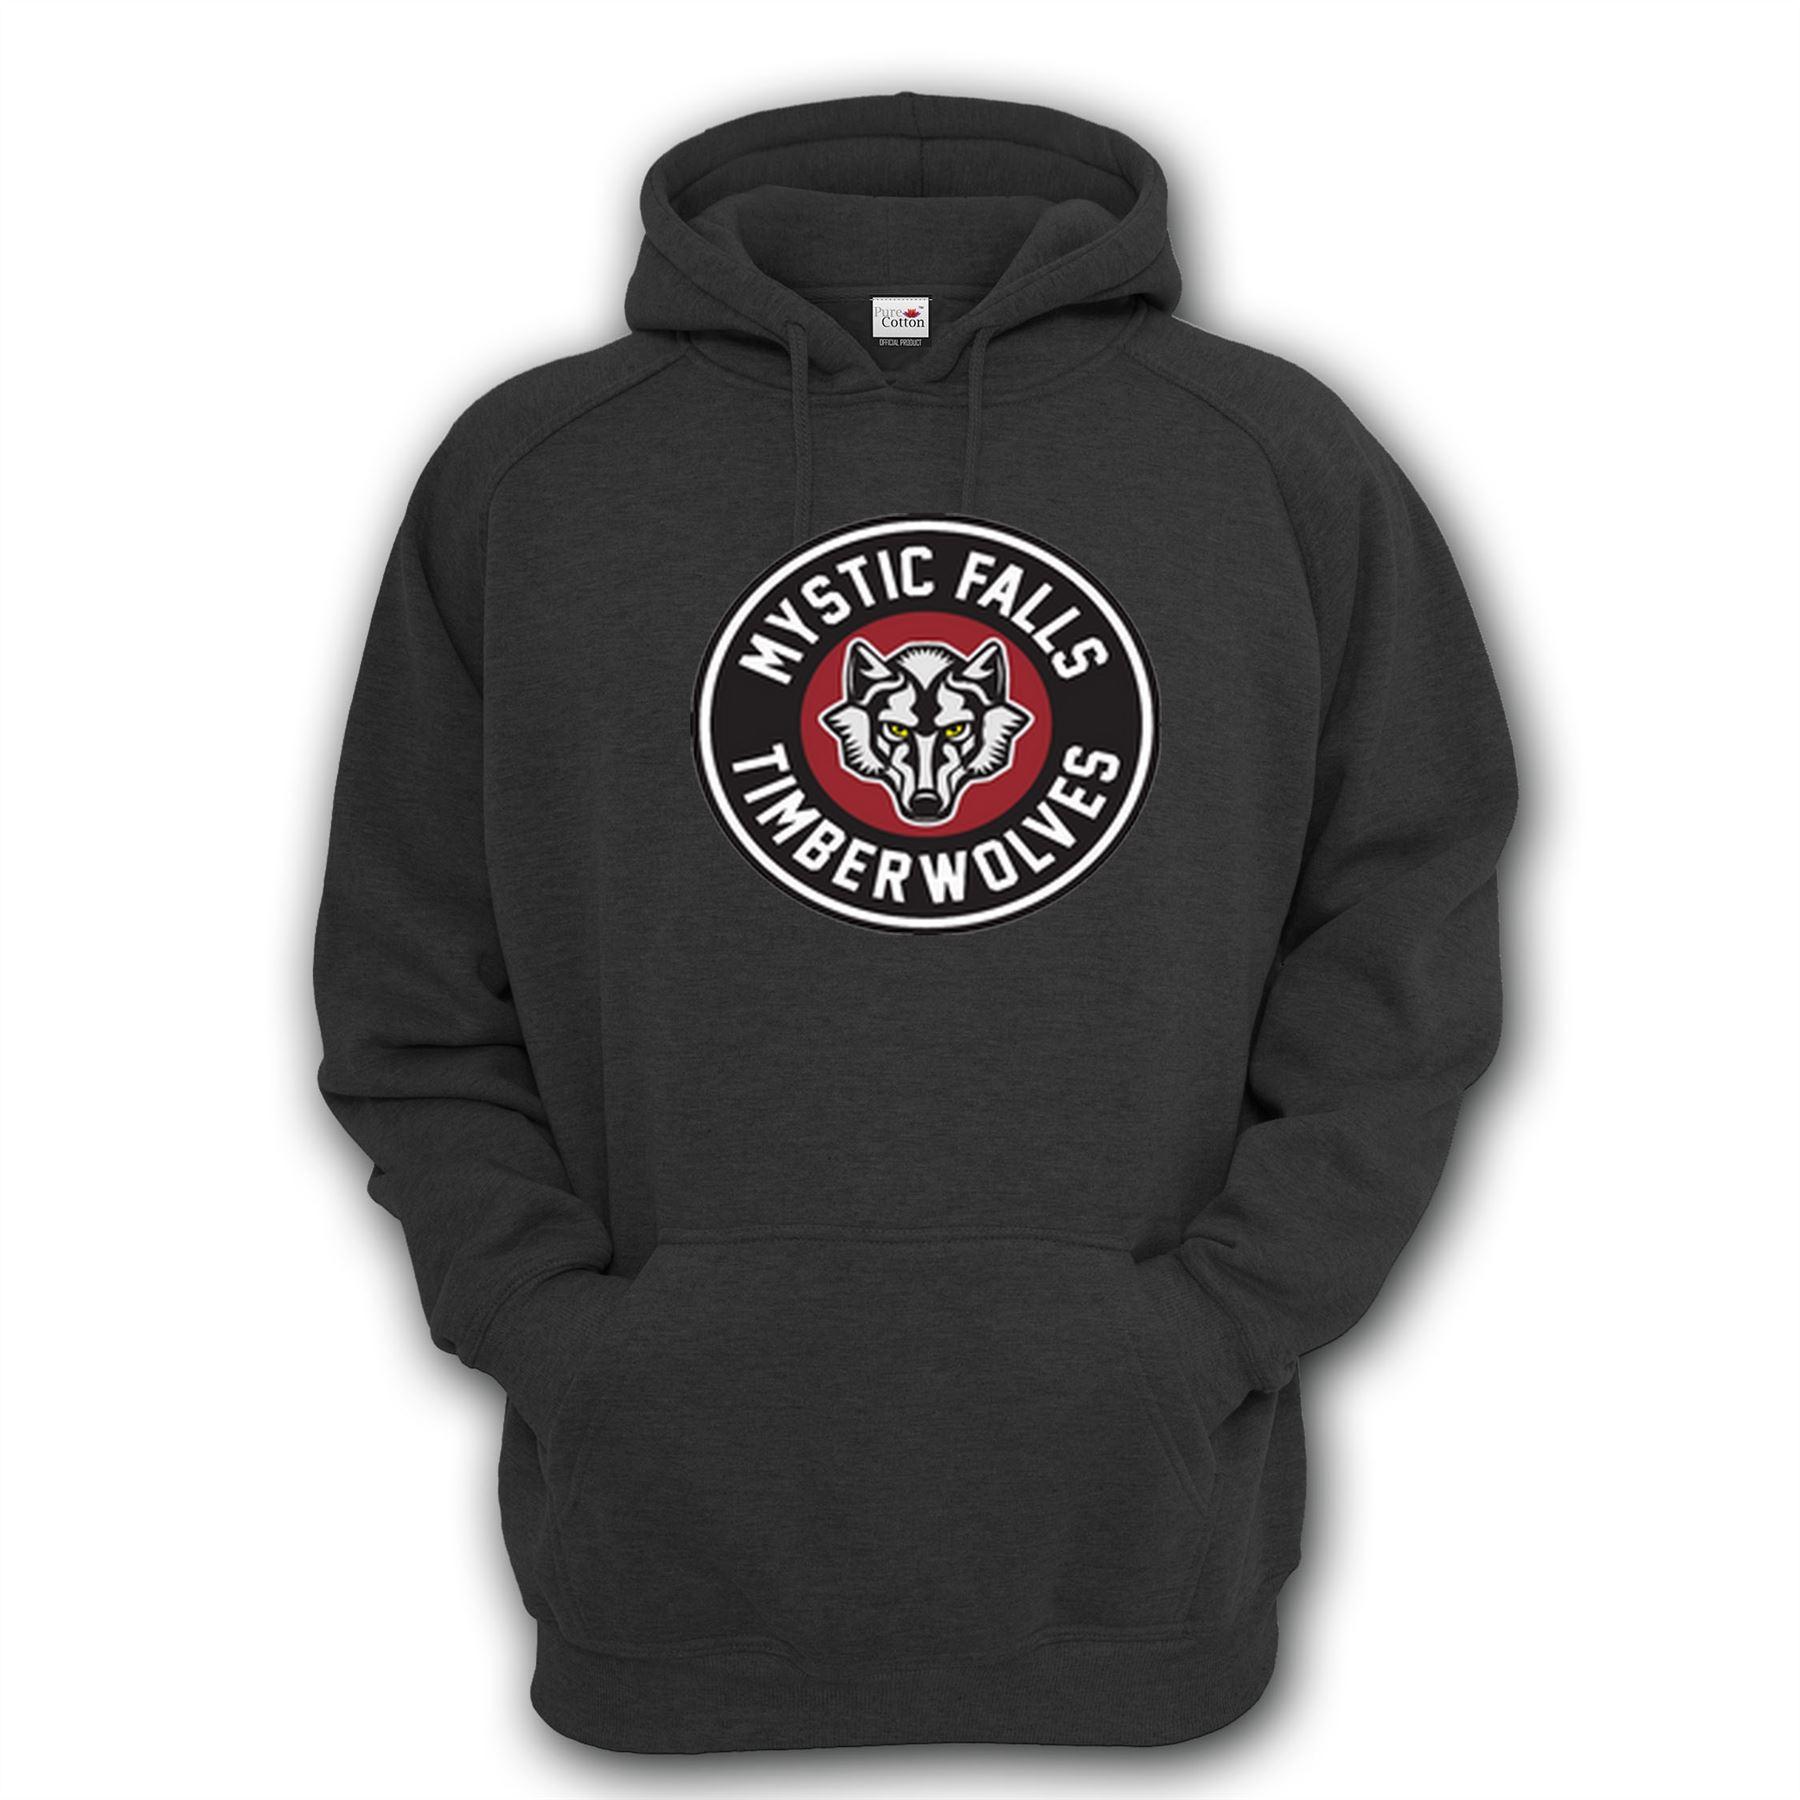 Vampire diaries hoodies